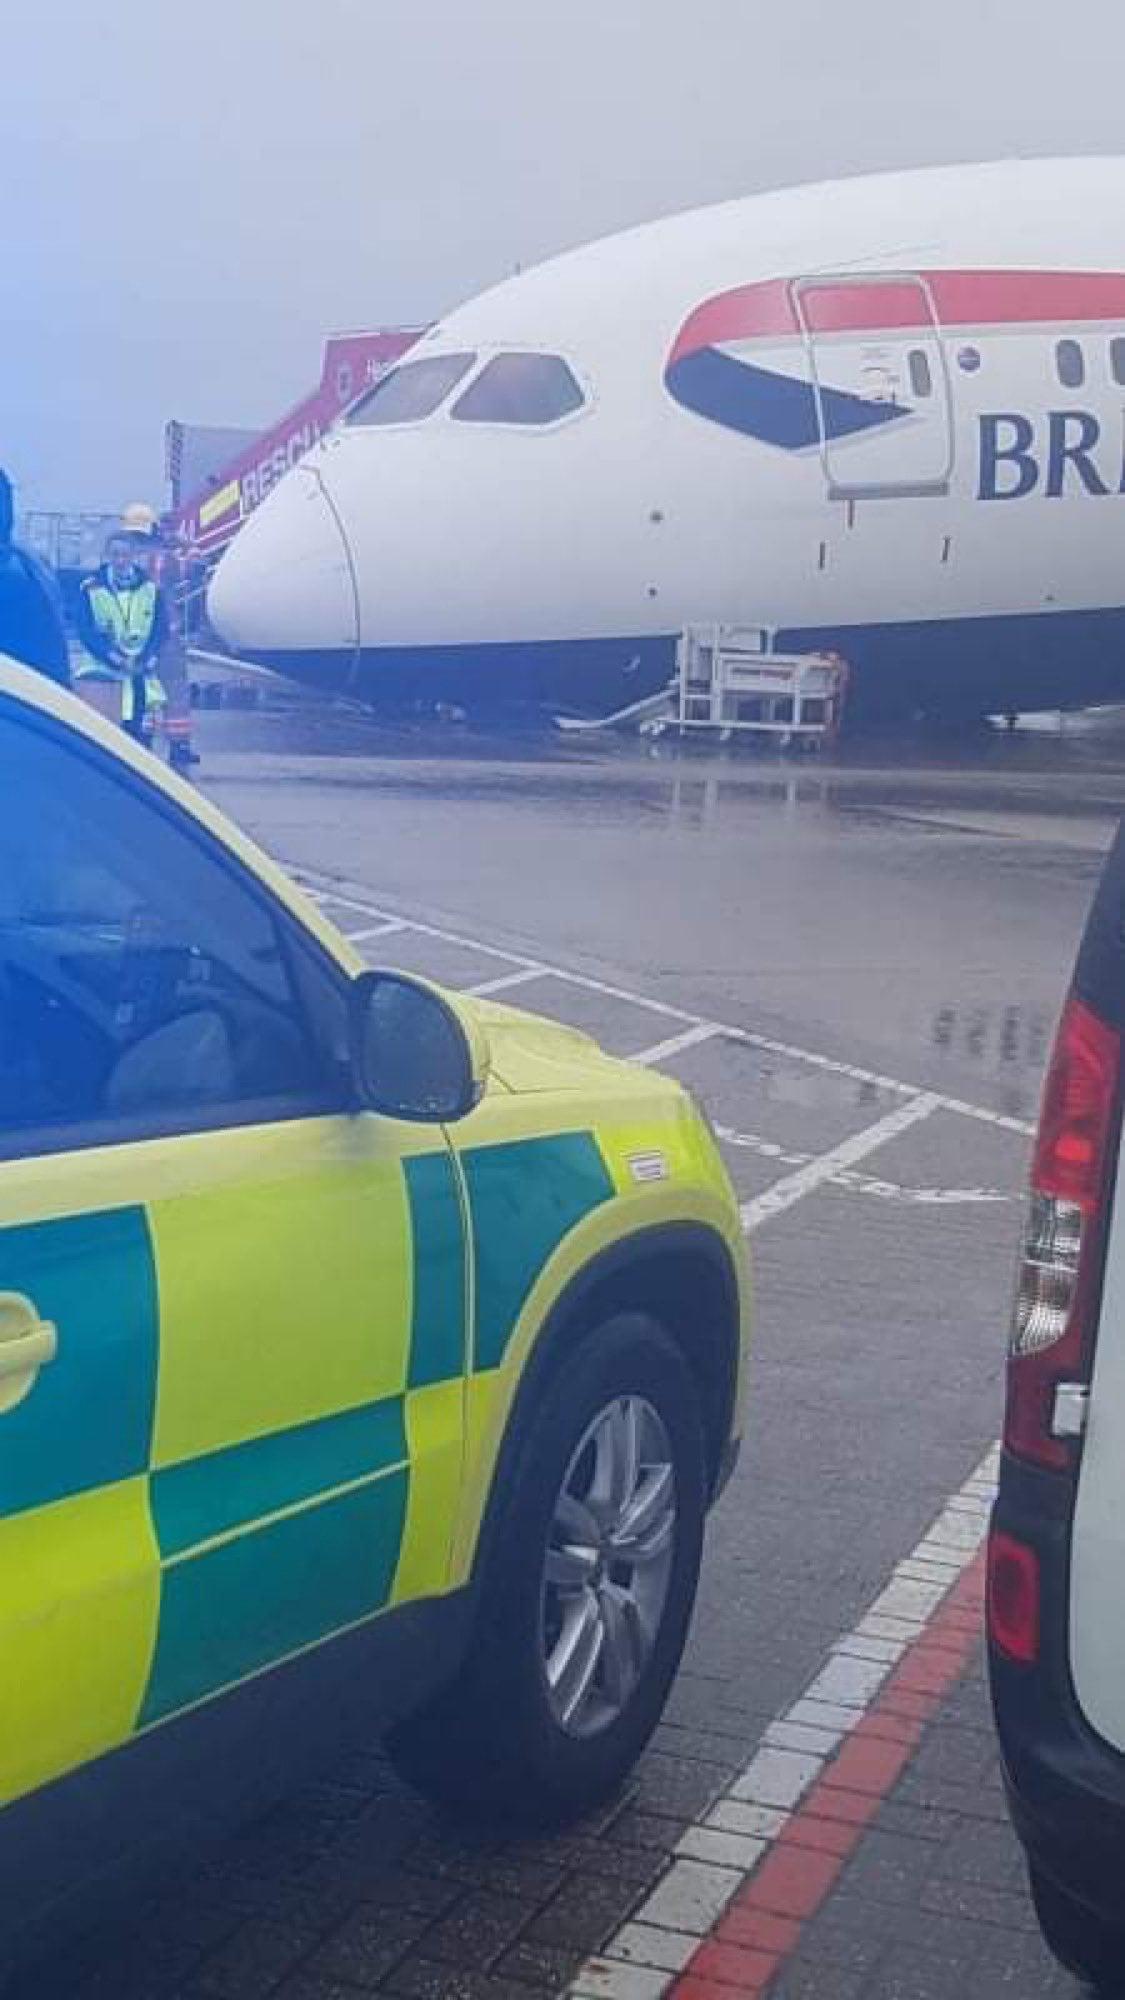 avion BA roata rupta 2